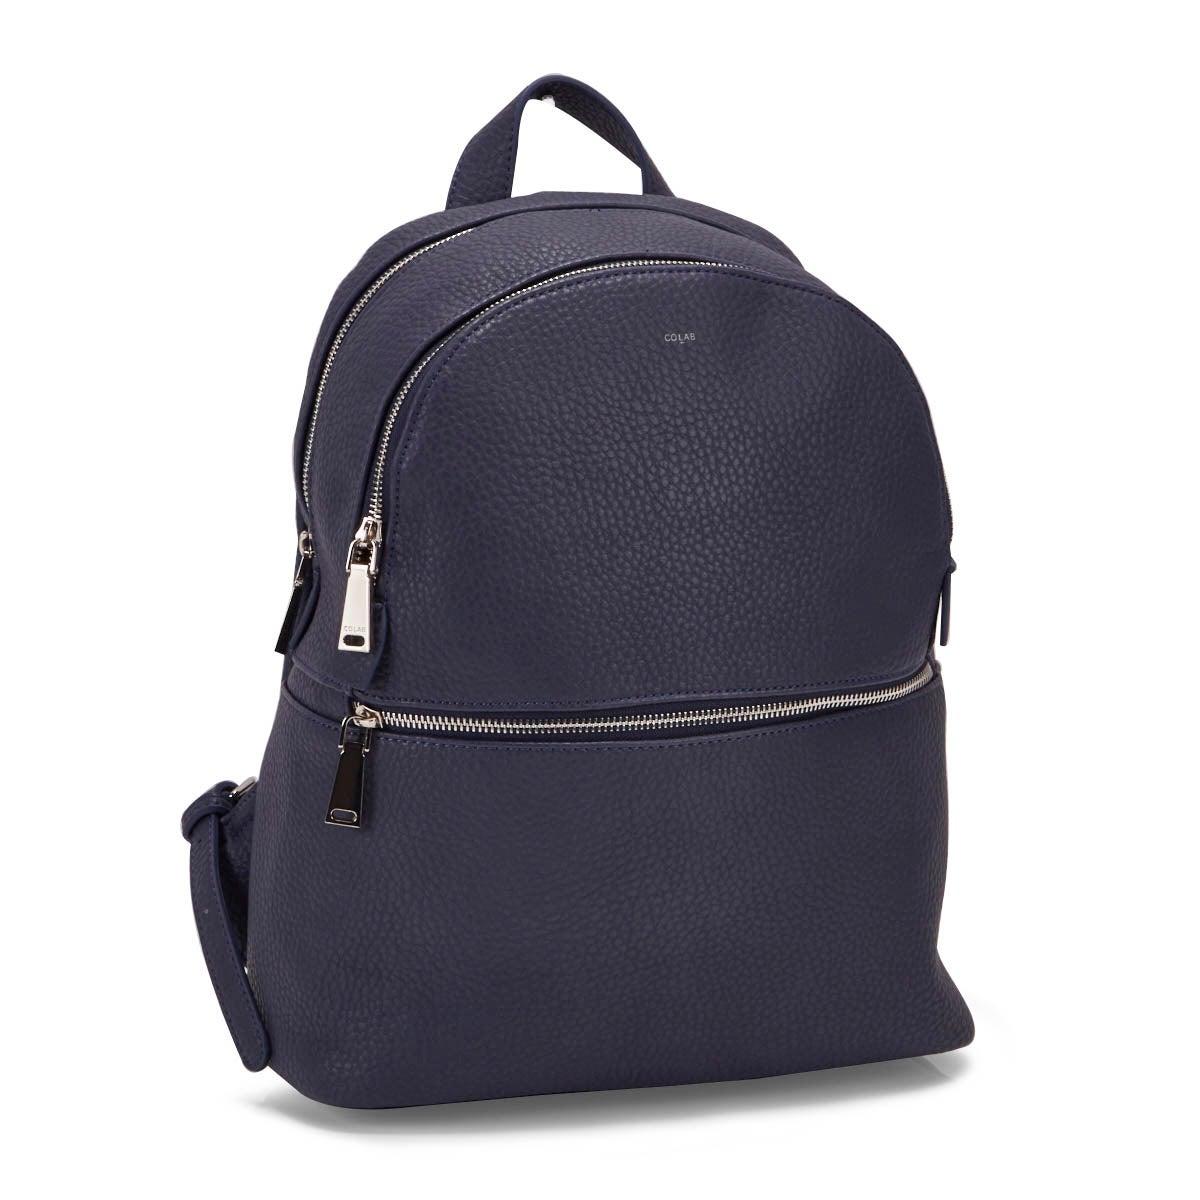 Lds Hush denim backpack